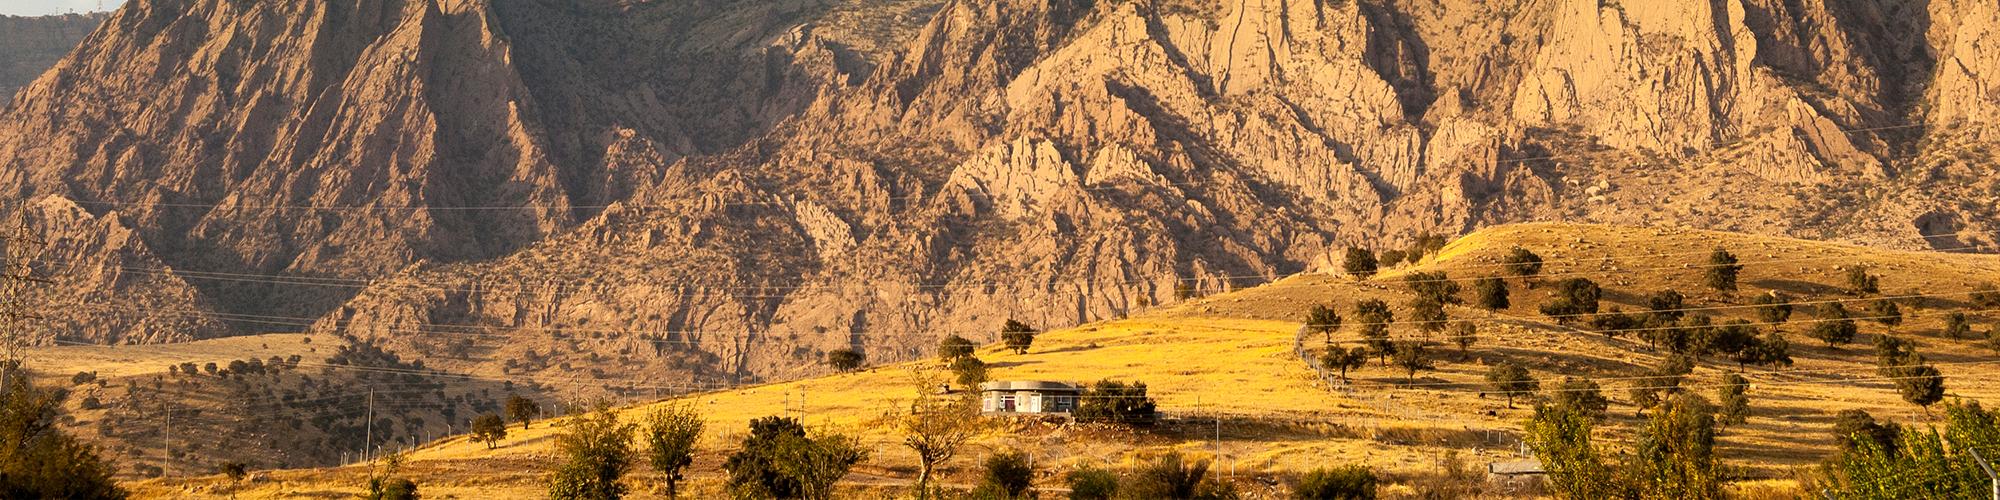 El Kurdistán. Primavera en las montañas de Iraq - EL PAIS Viajes